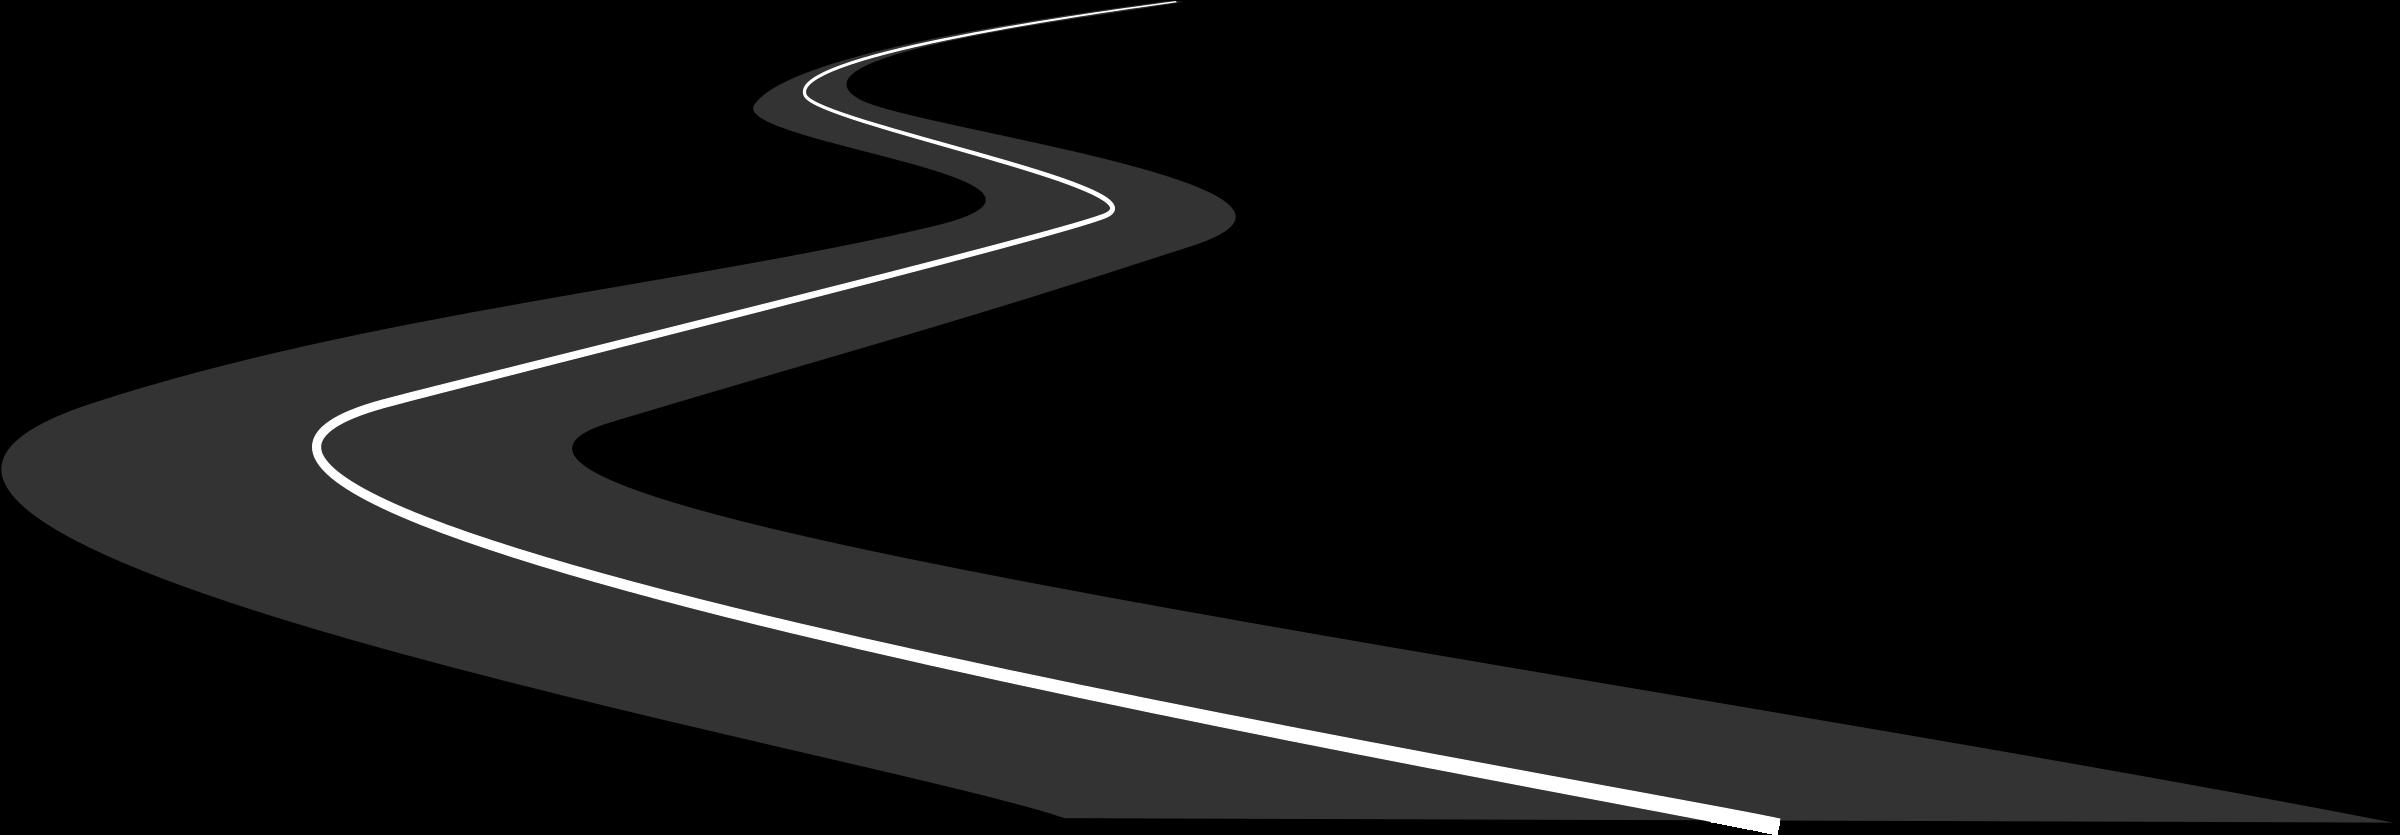 clipart road zigzag road